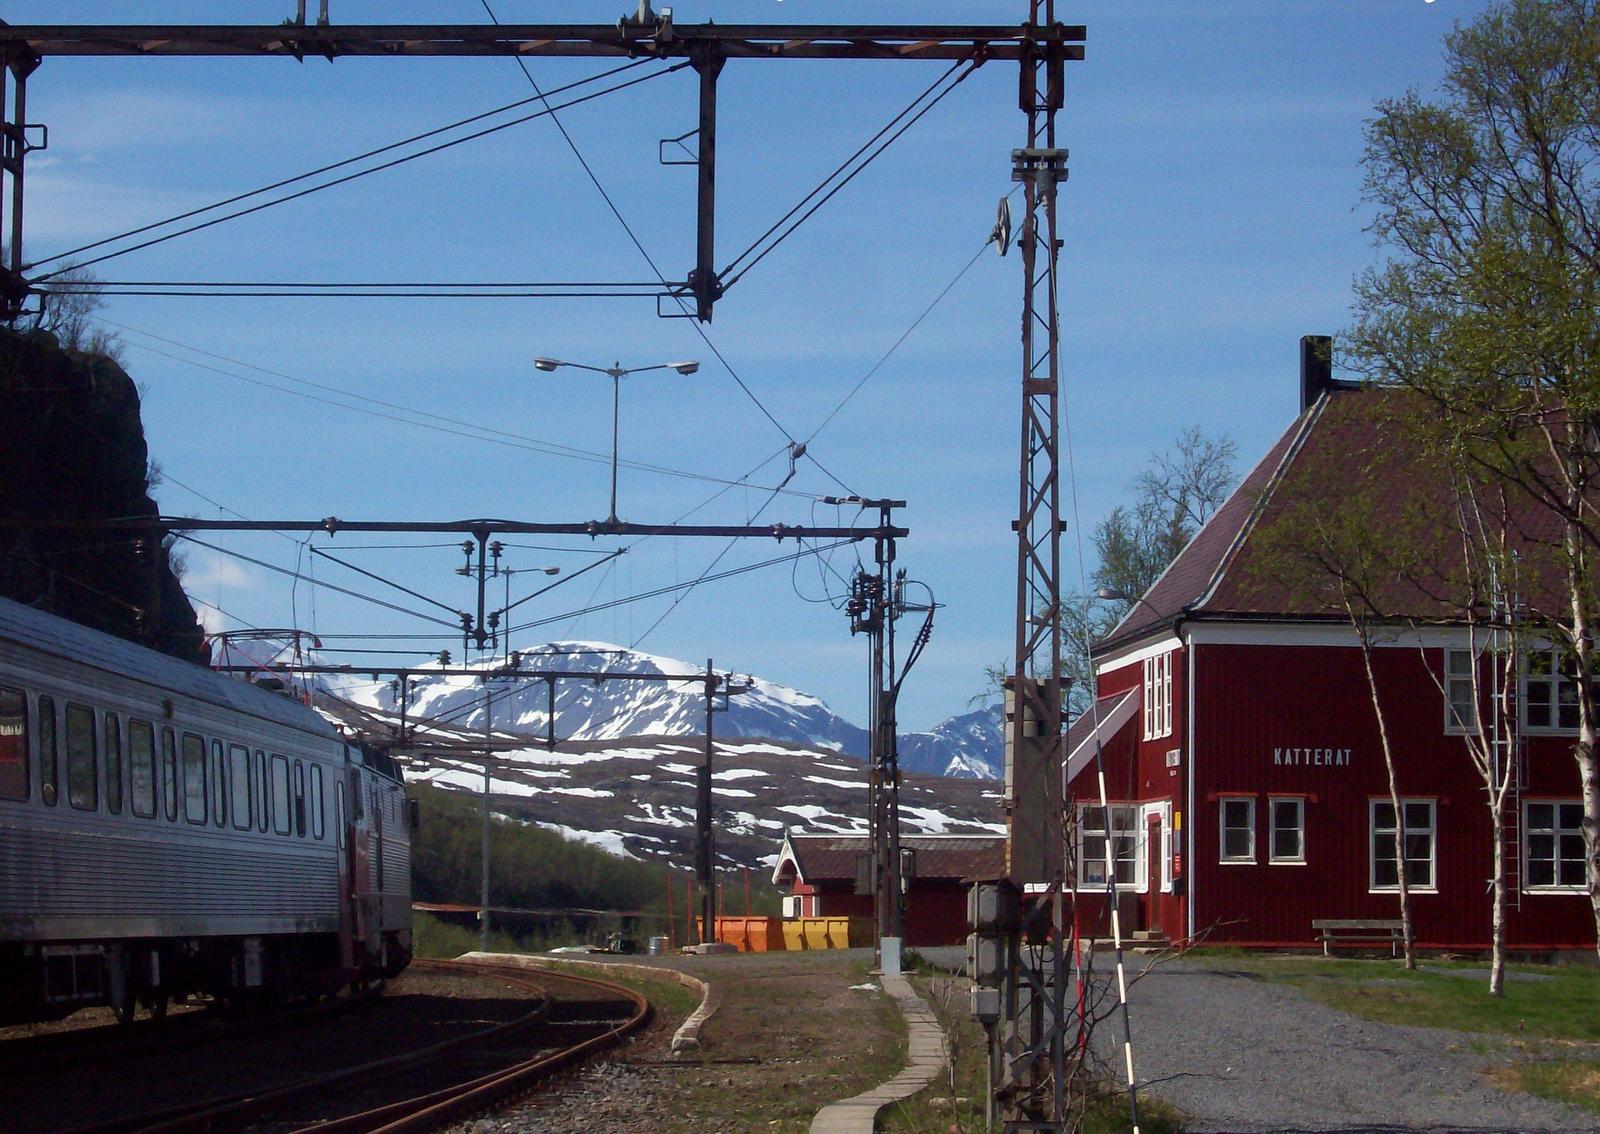 Bergstation Katterat der Ofotbahn